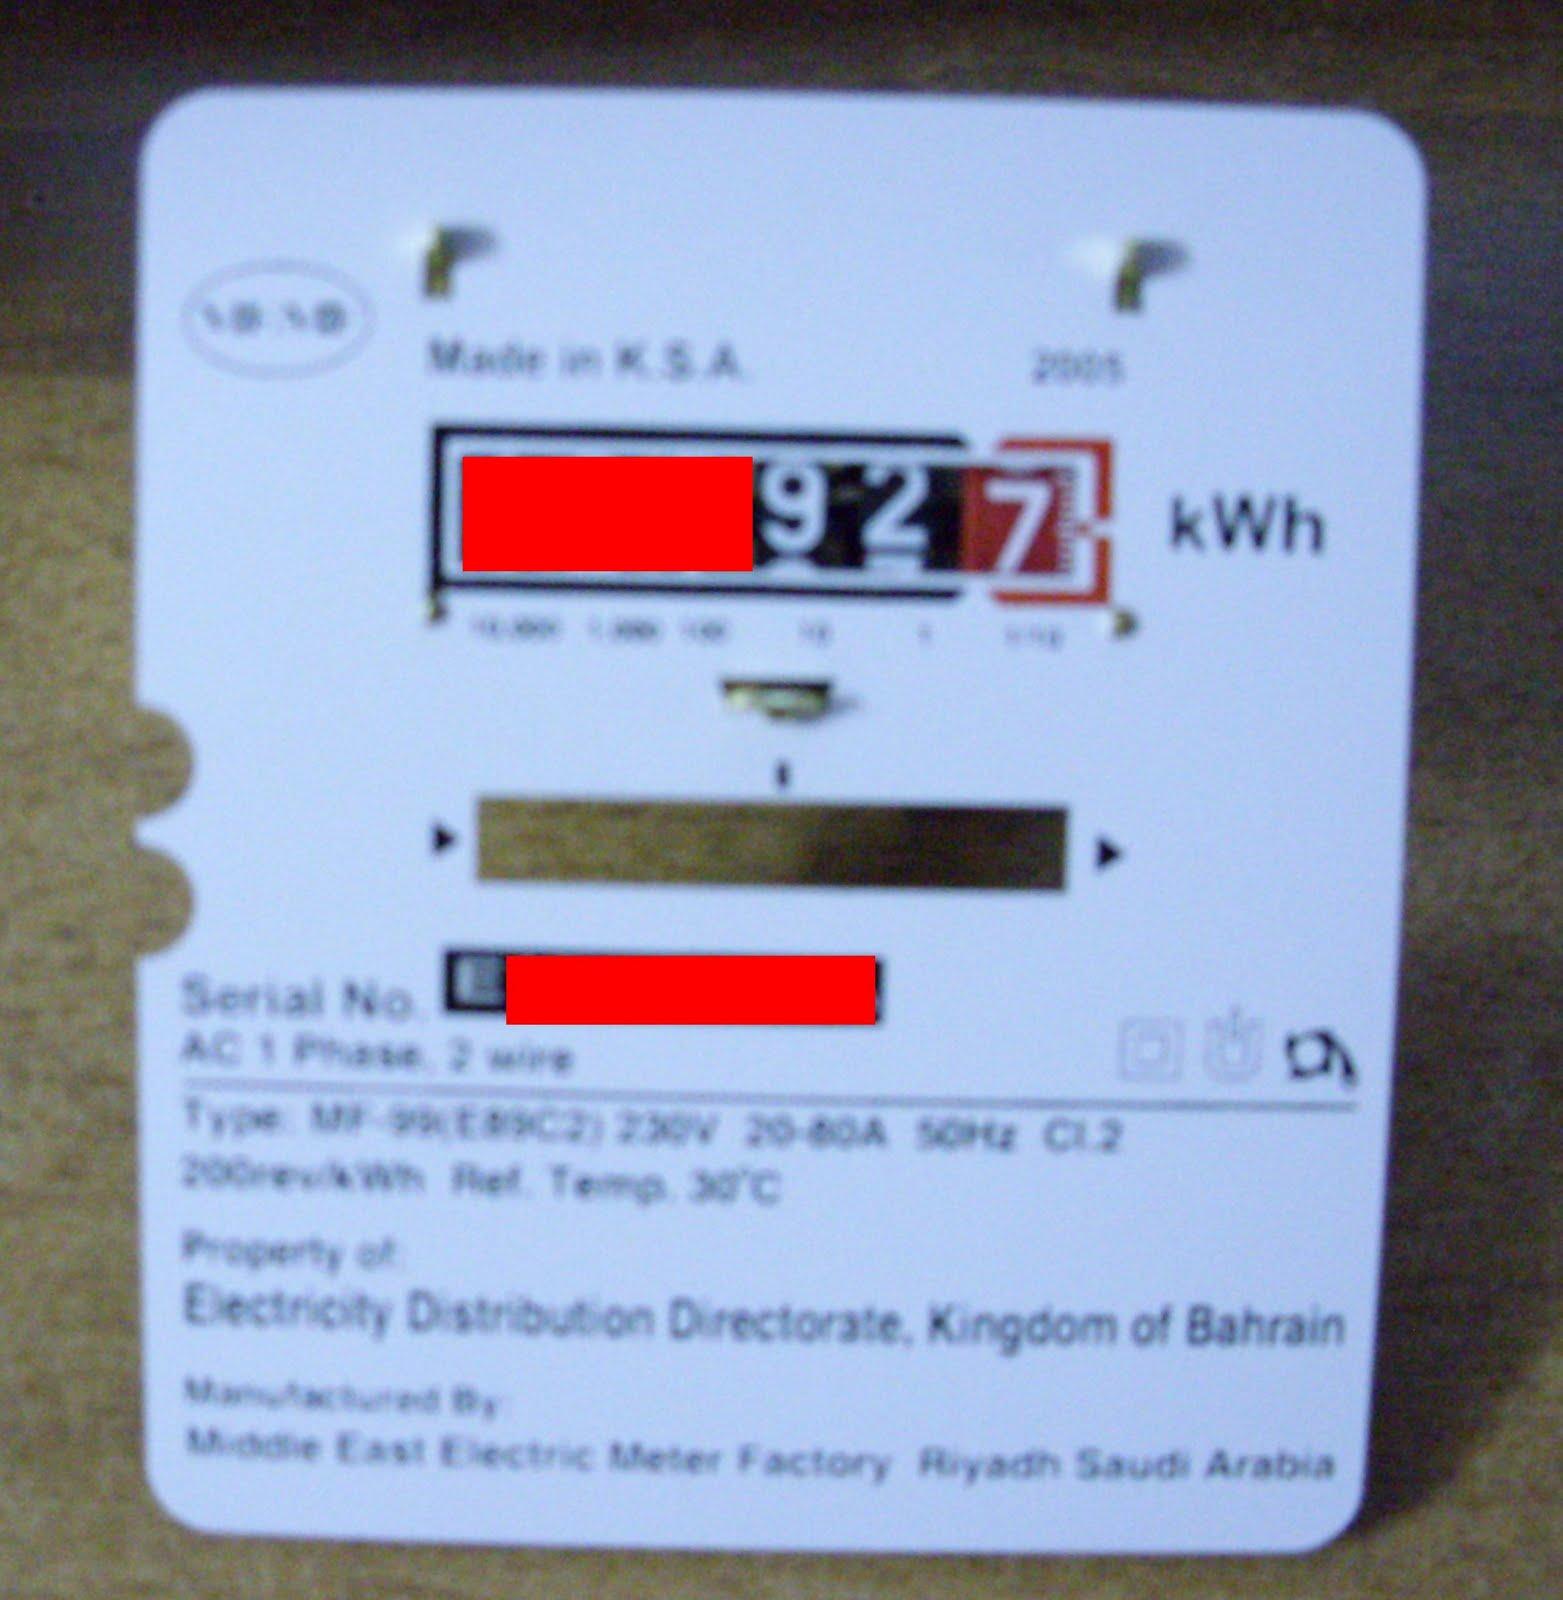 Hack Digital Power Meter : Meter hack reveals solar array s true power images frompo